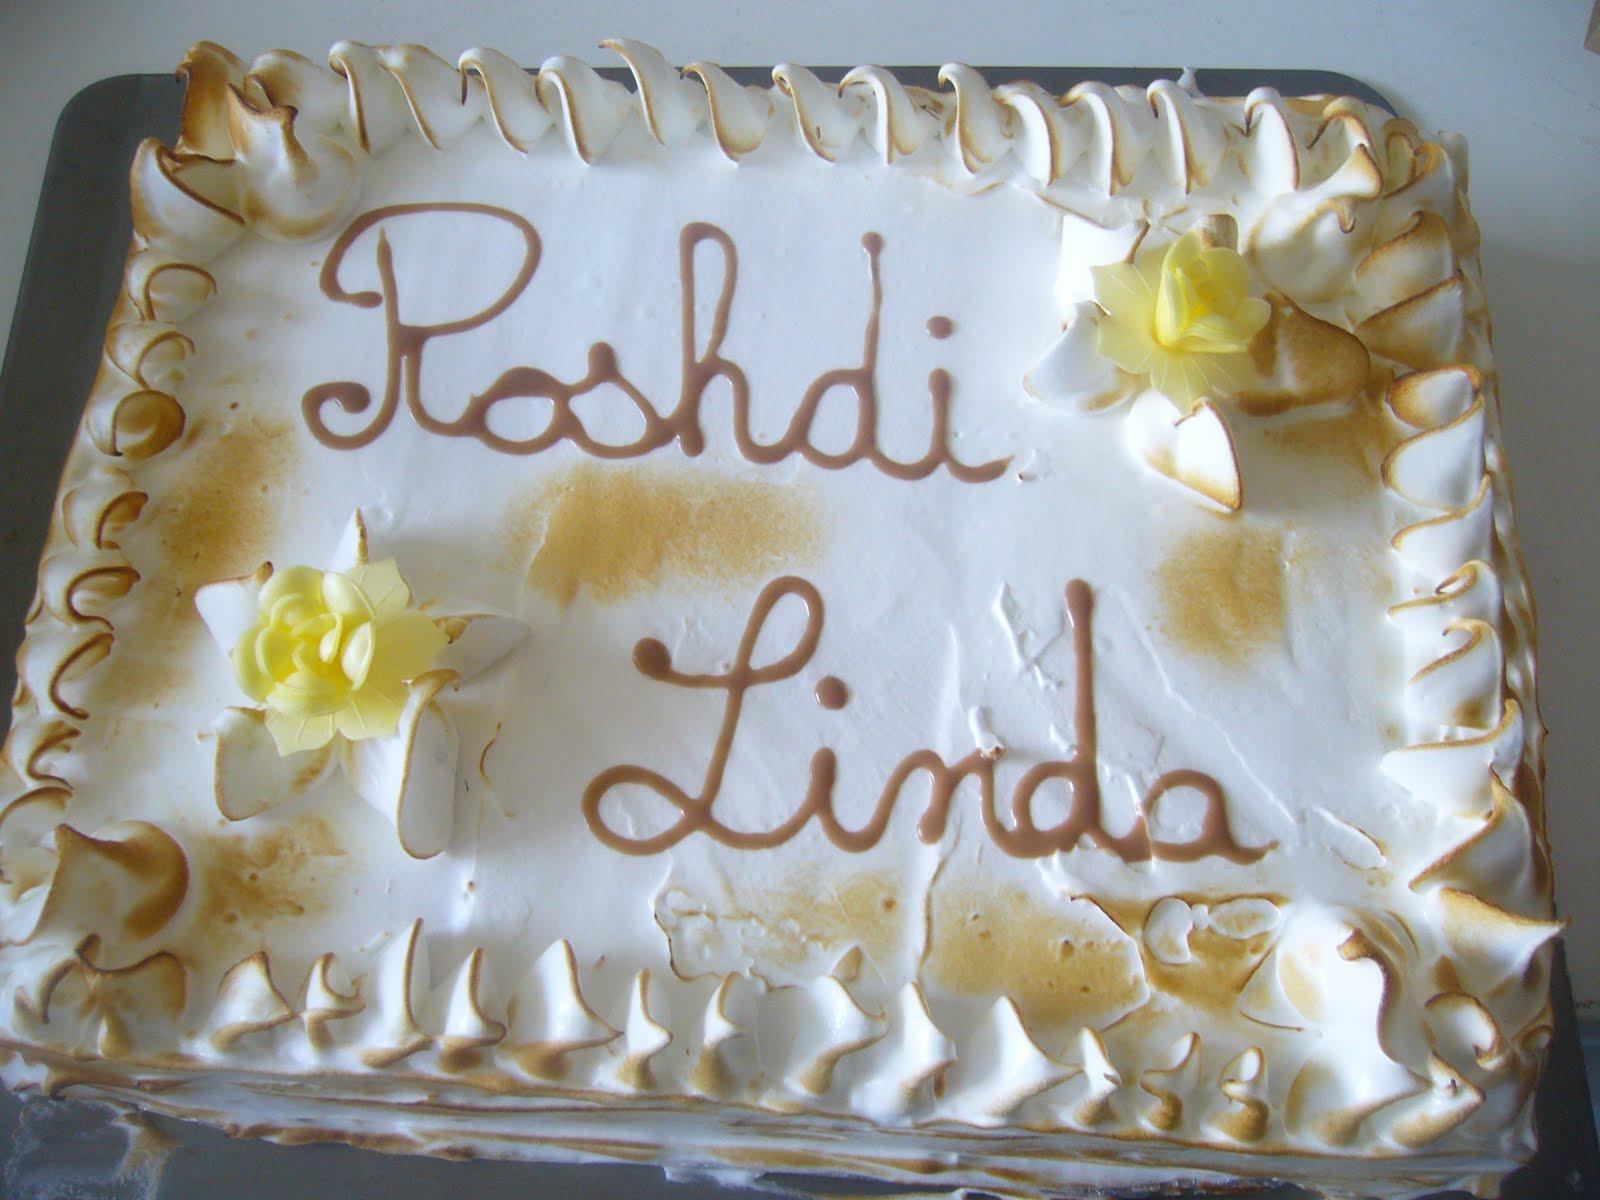 Ingrédients pour un gâteau de Savoie (20 personnes):